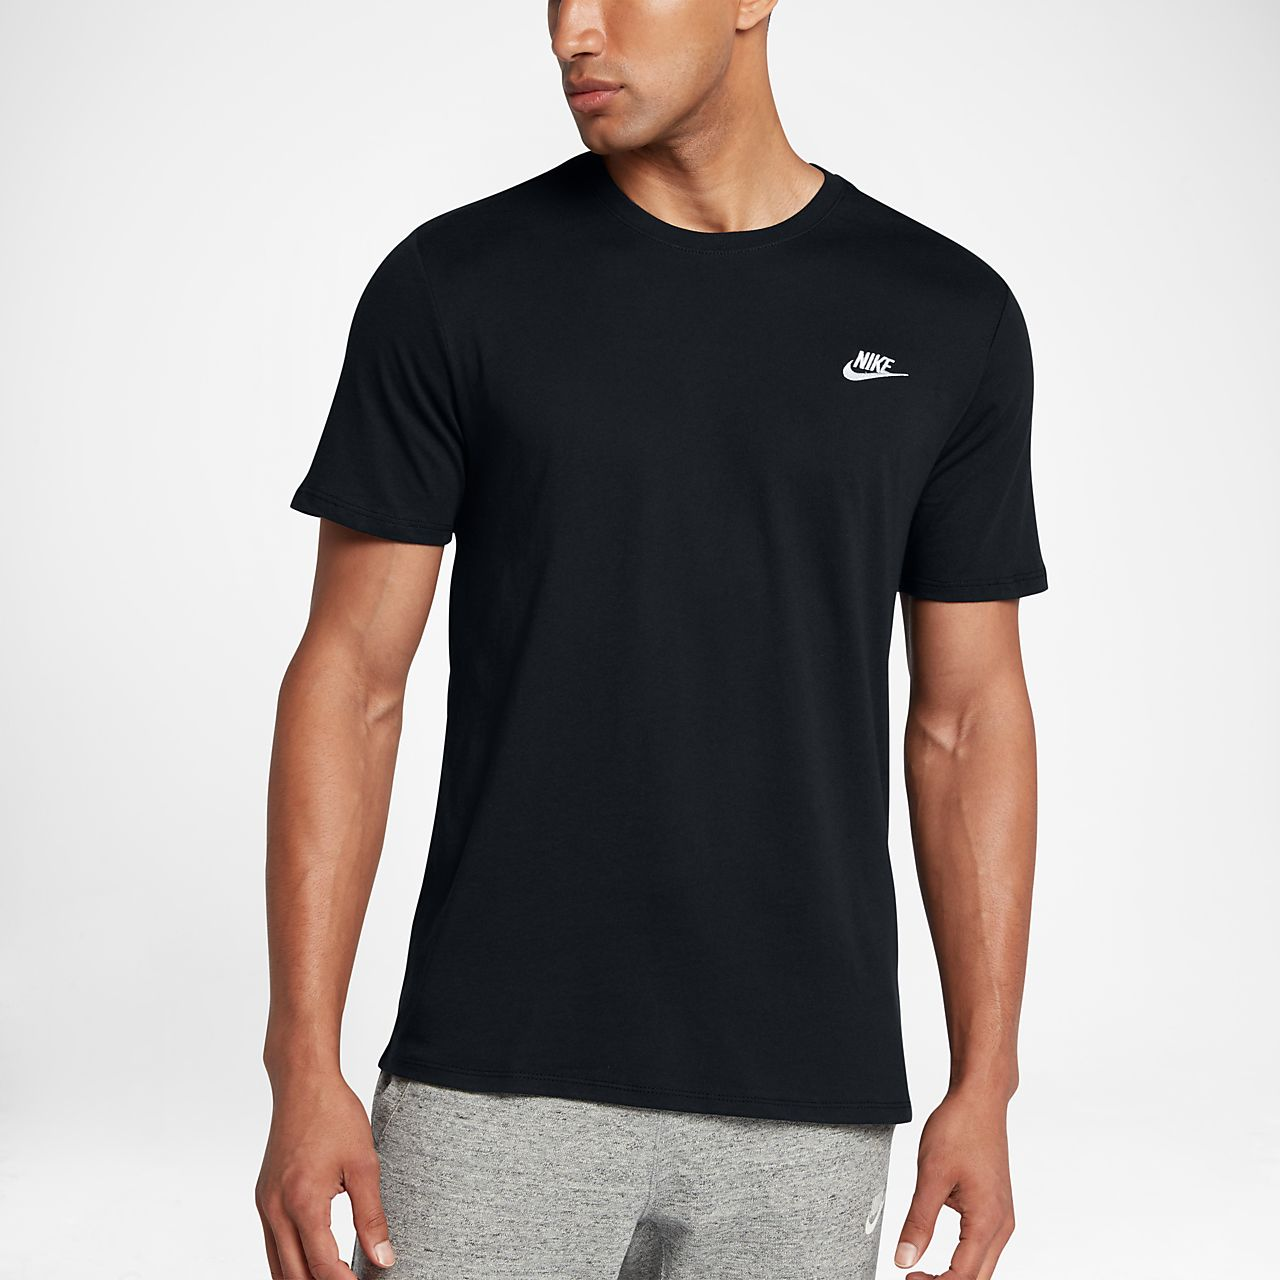 e48041046aaf Nike Sportswear Men s T-Shirt. Nike.com LU